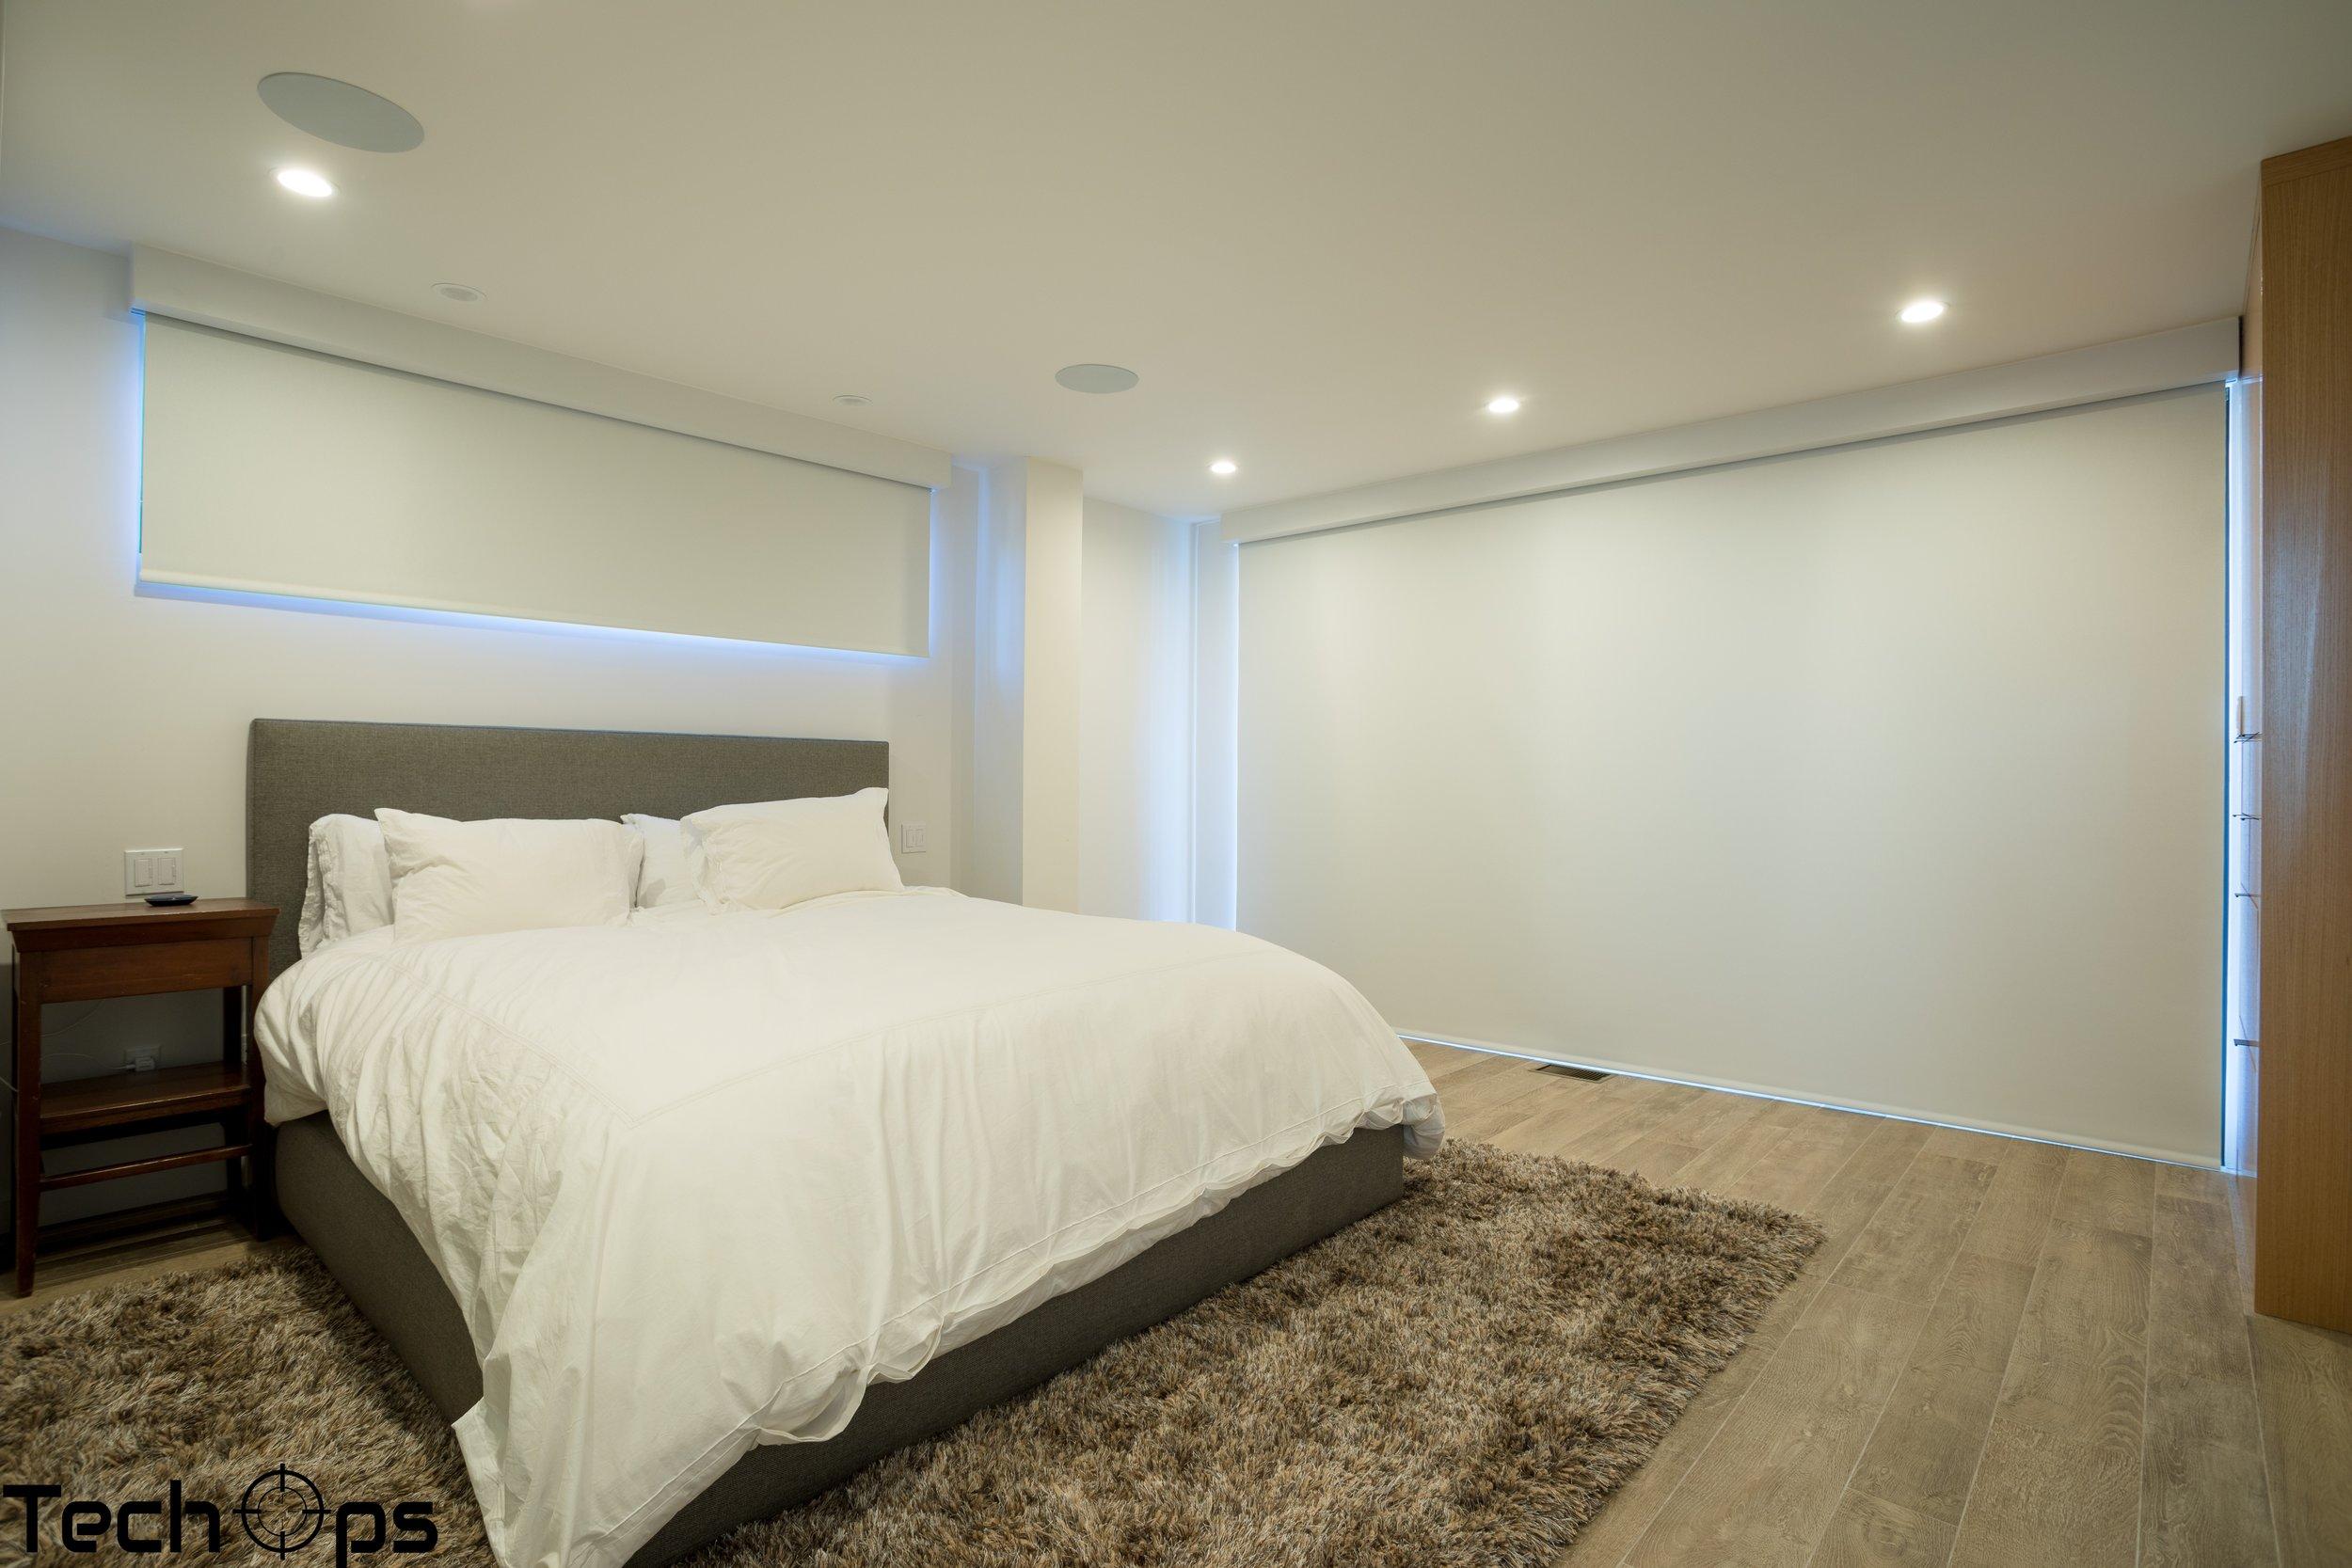 Bedroom Shades Closed.jpg